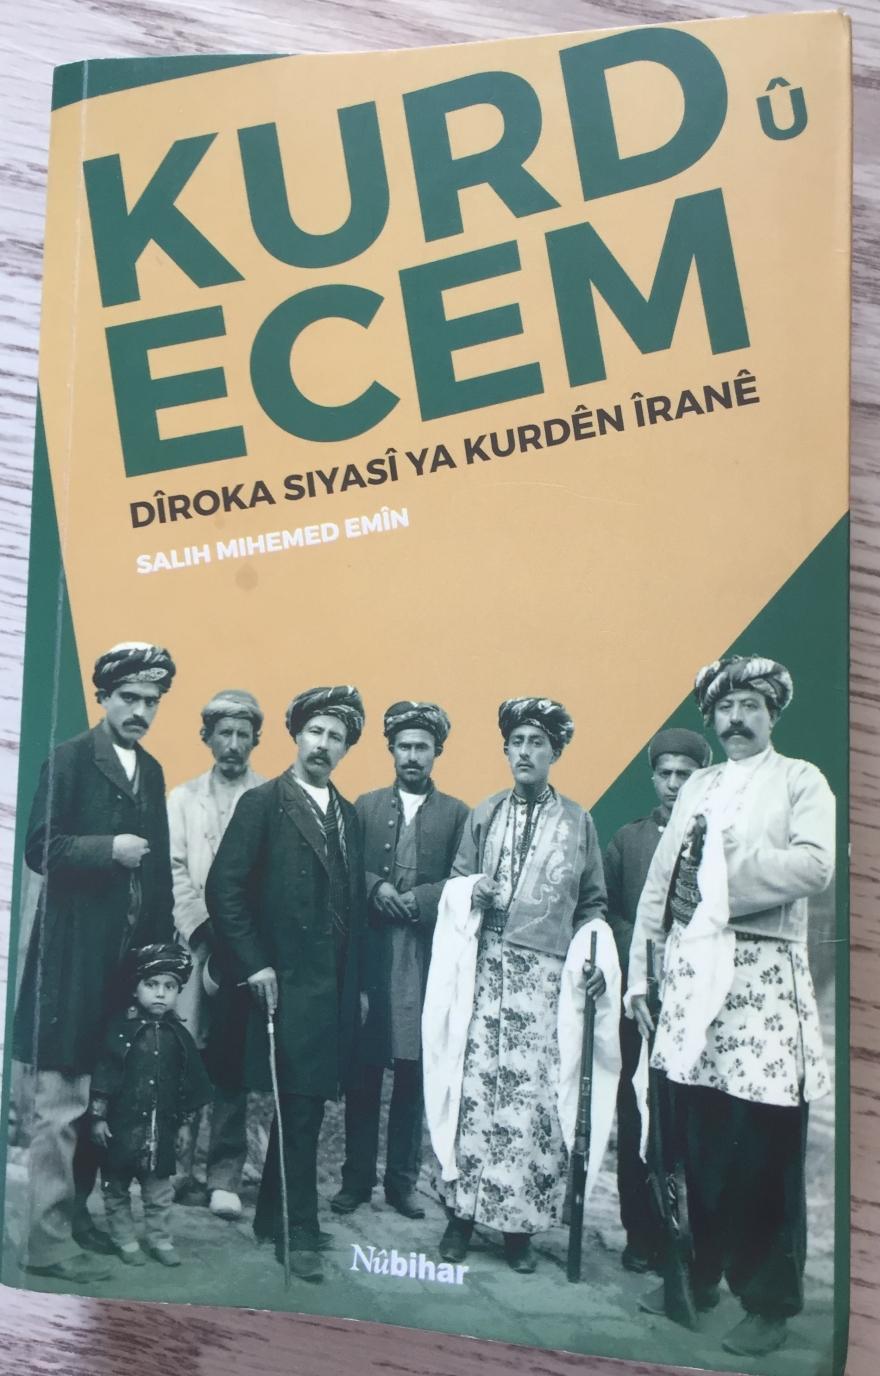 Kurd û Ecem